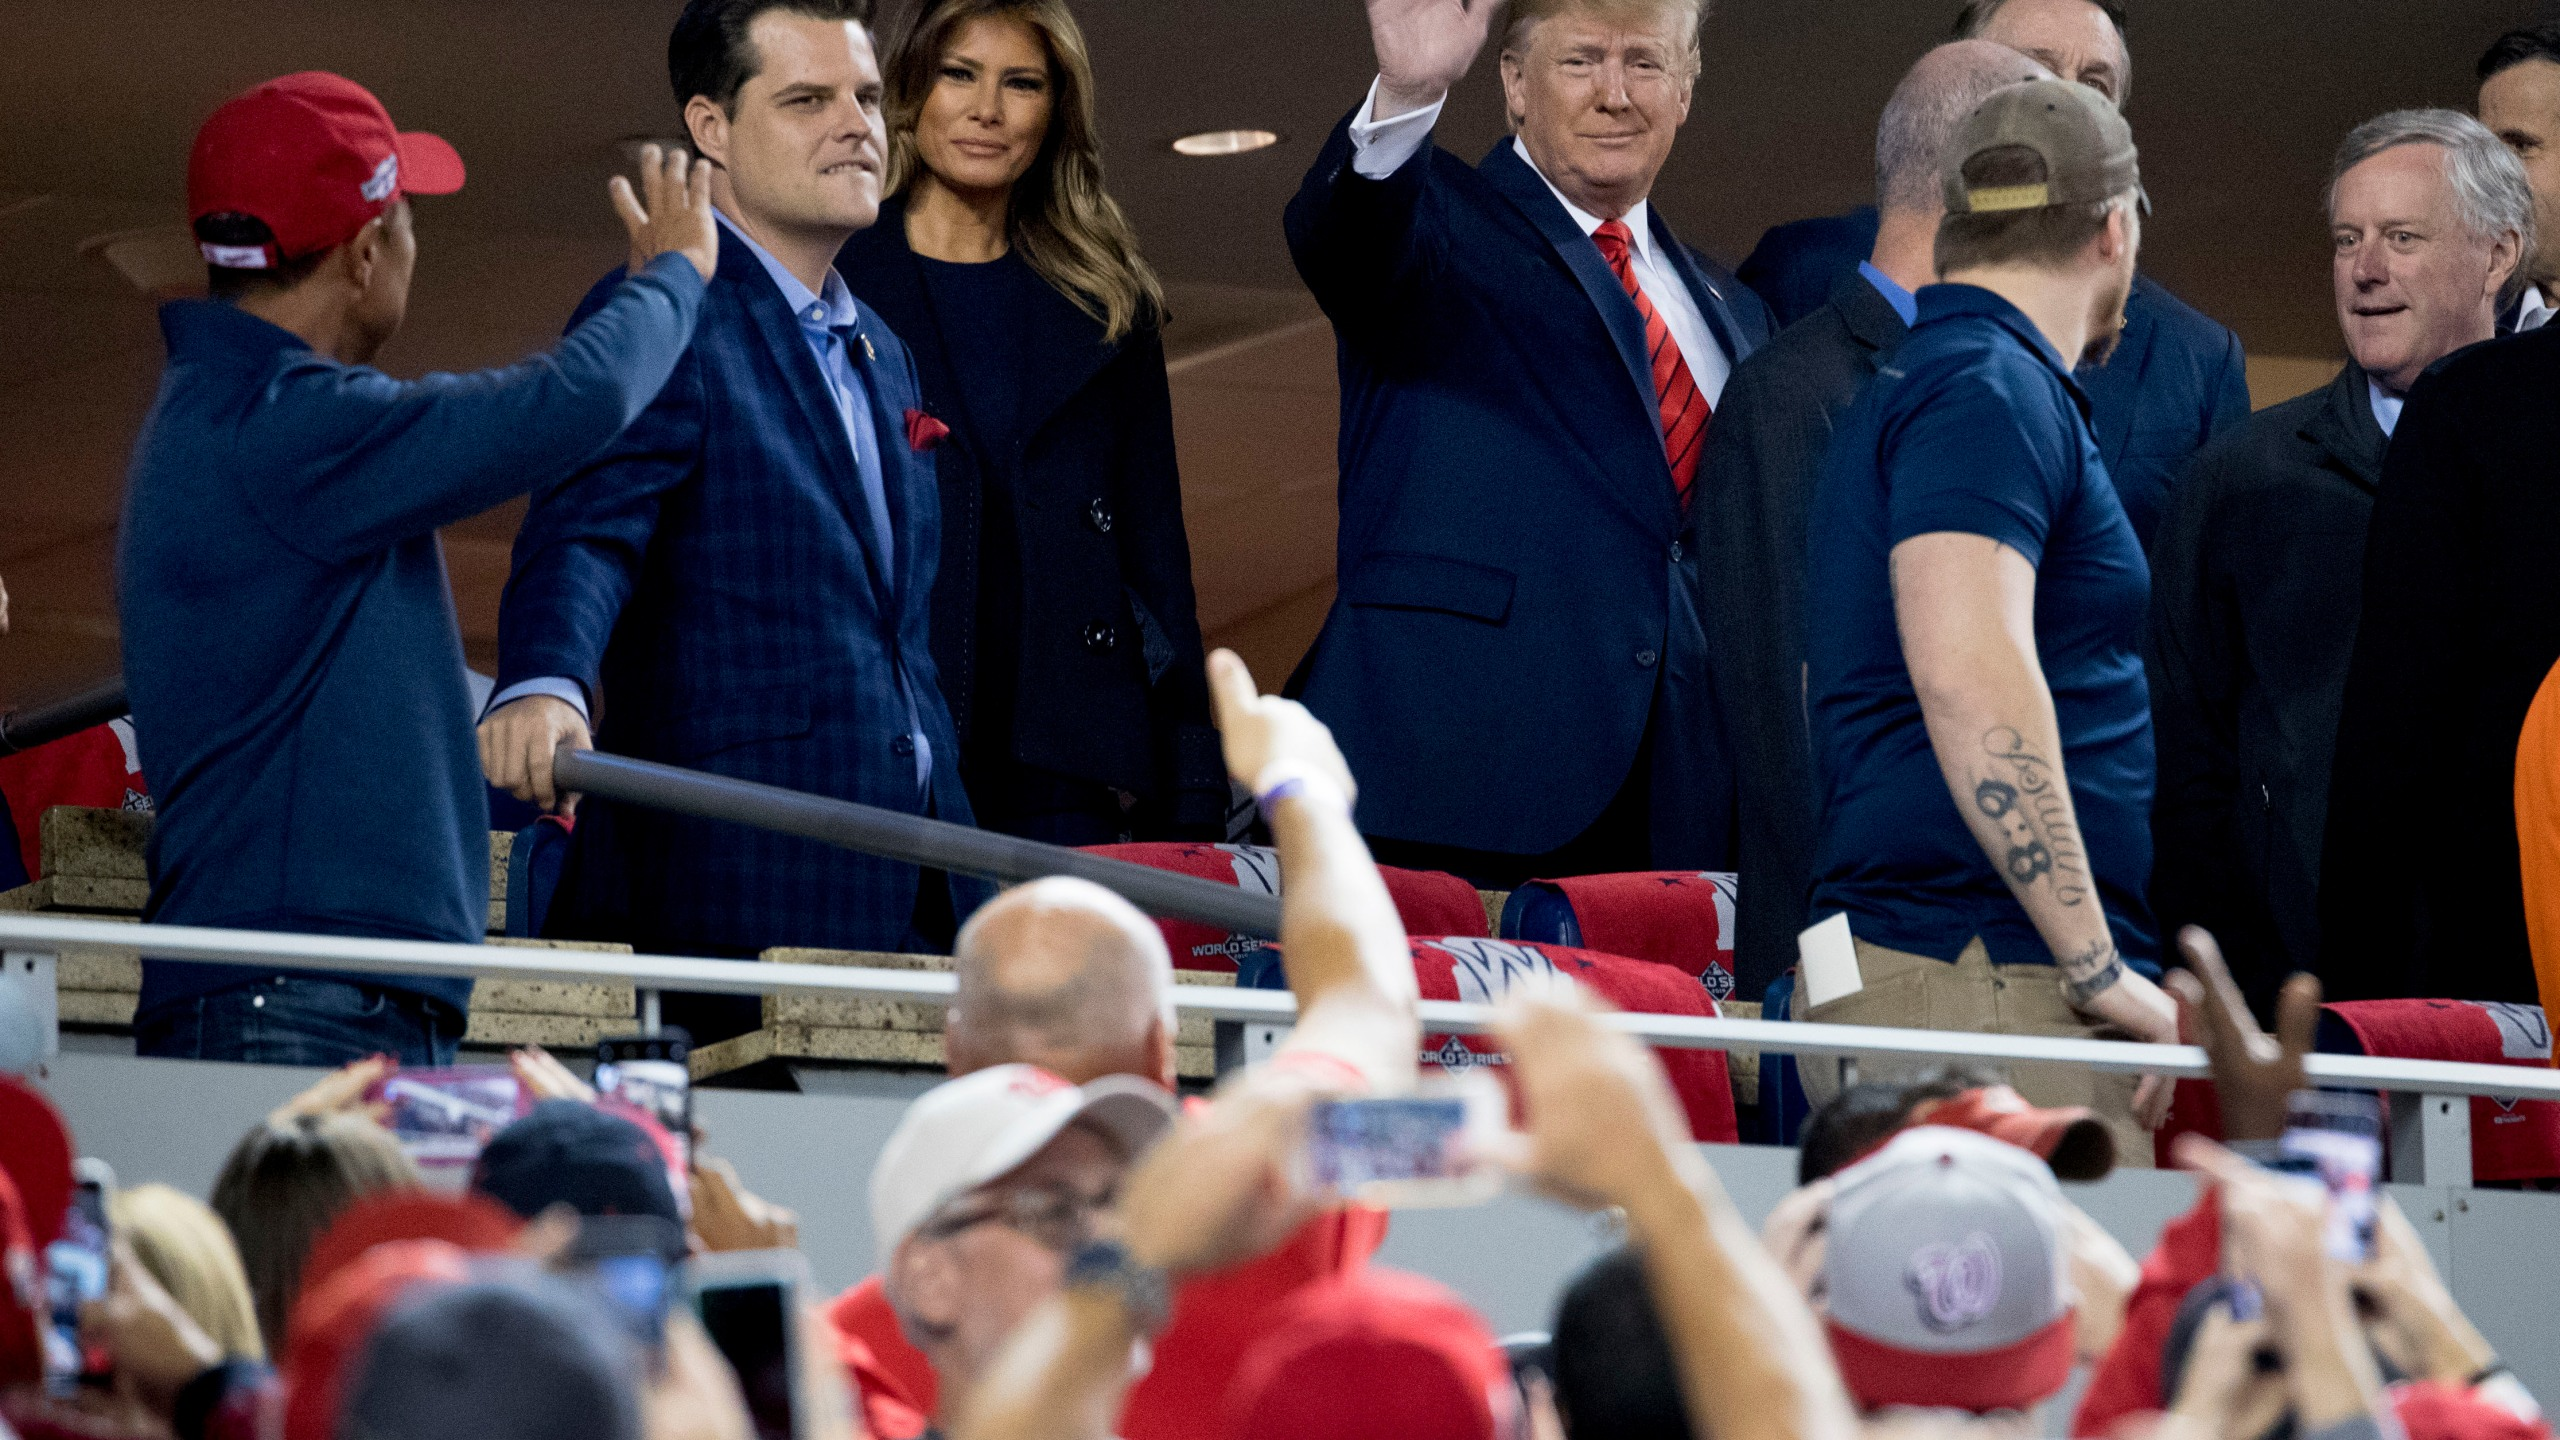 Donald Trump, Melania Trump, Matt Gaetz, Mark Meadows